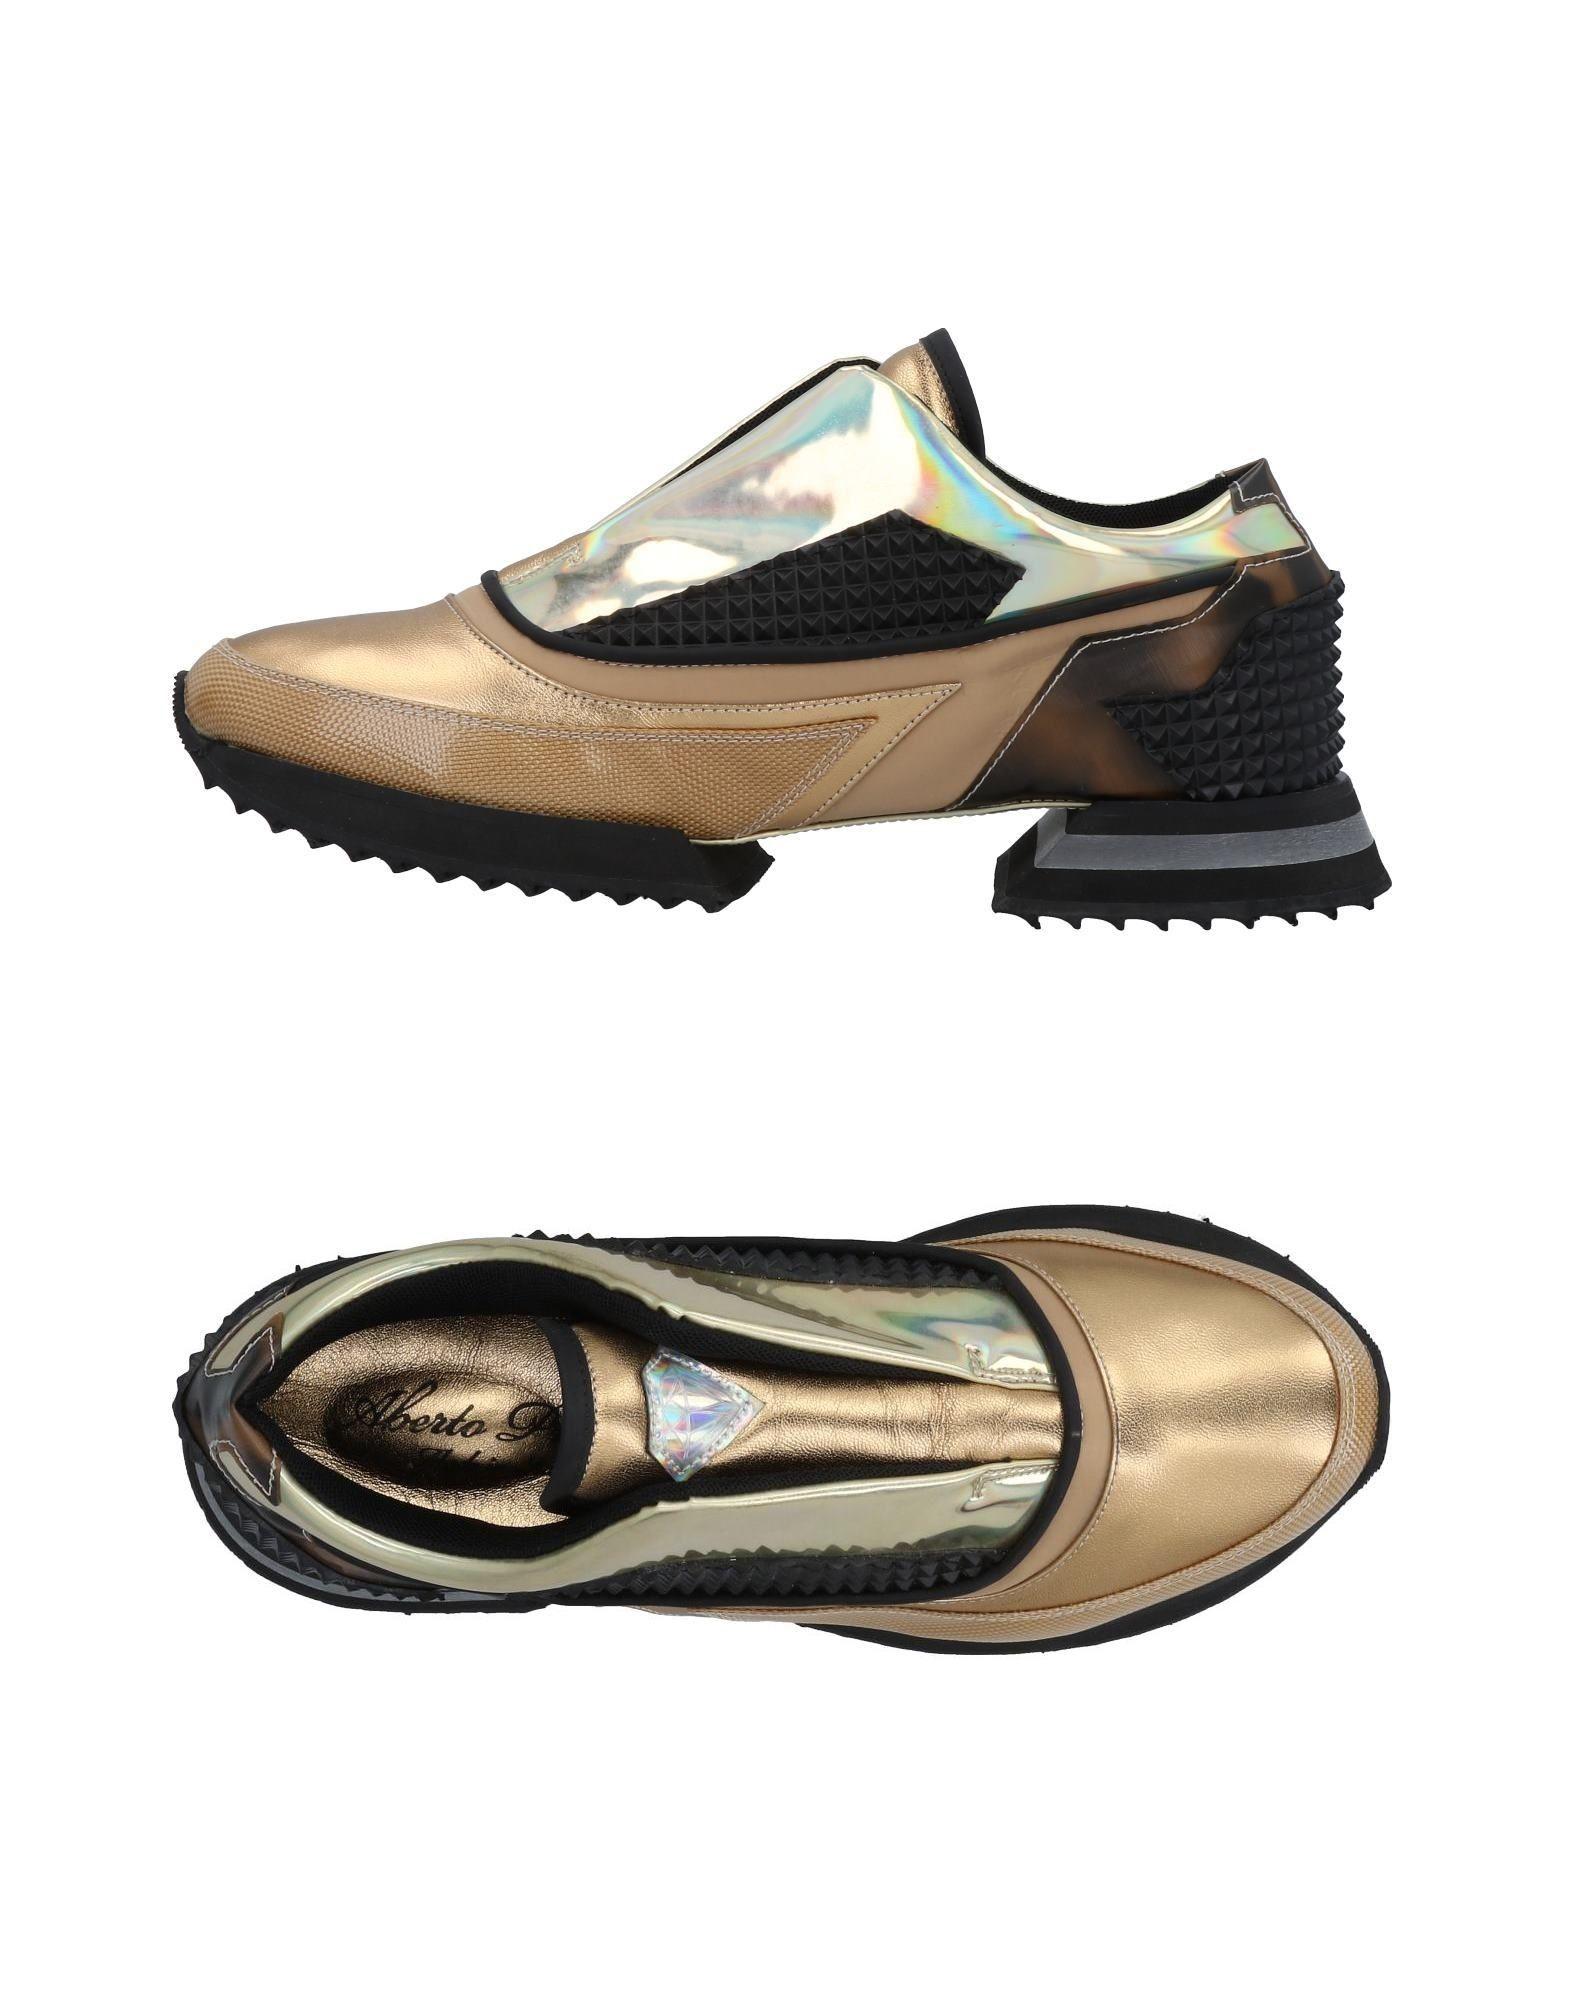 Sneakers Alberto Alberto Alberto Premi Uomo - 11490385FE 3c2f2e